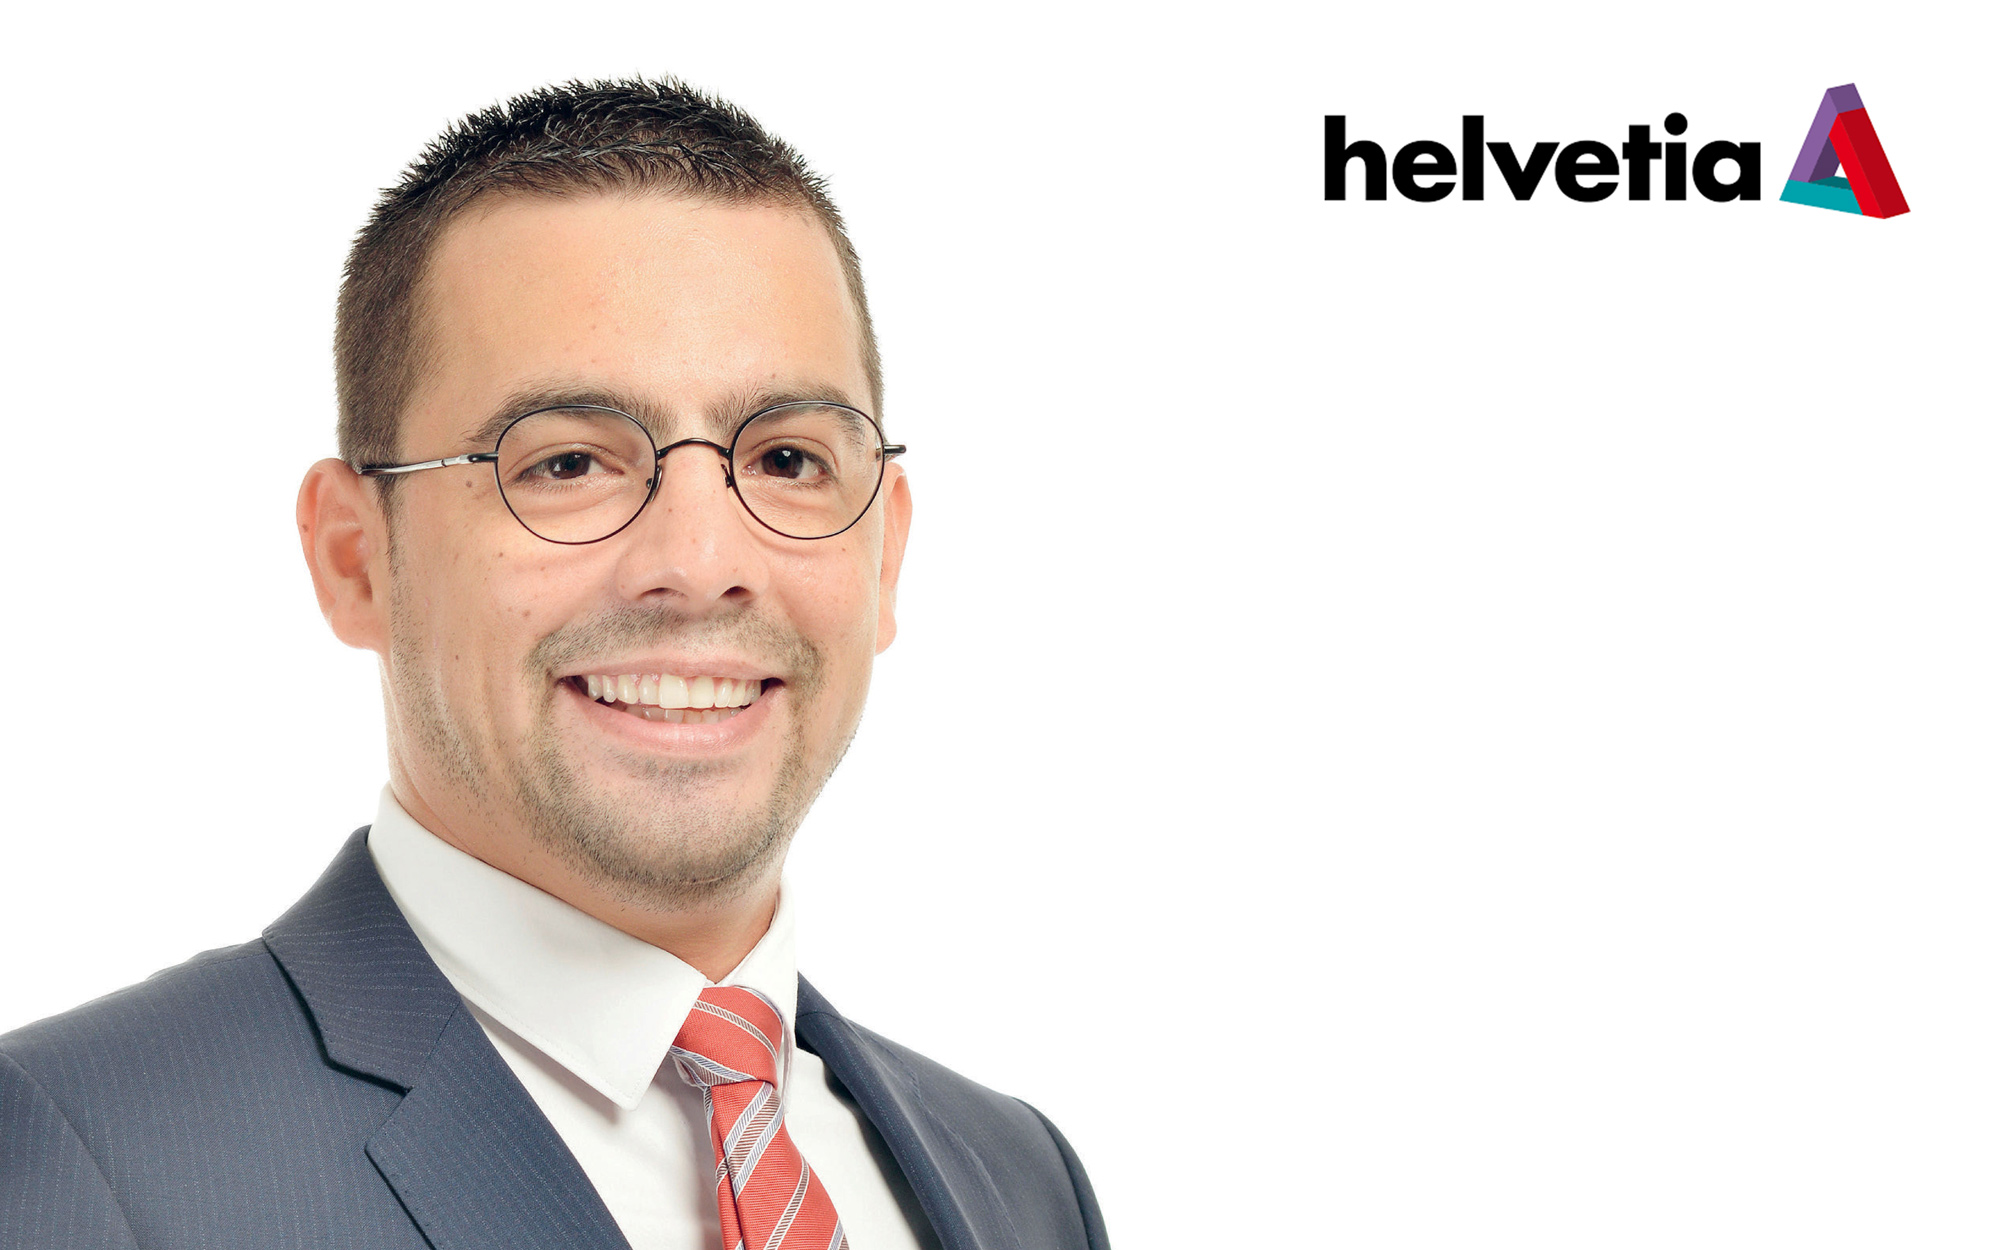 Fabio Hauser Helvetia